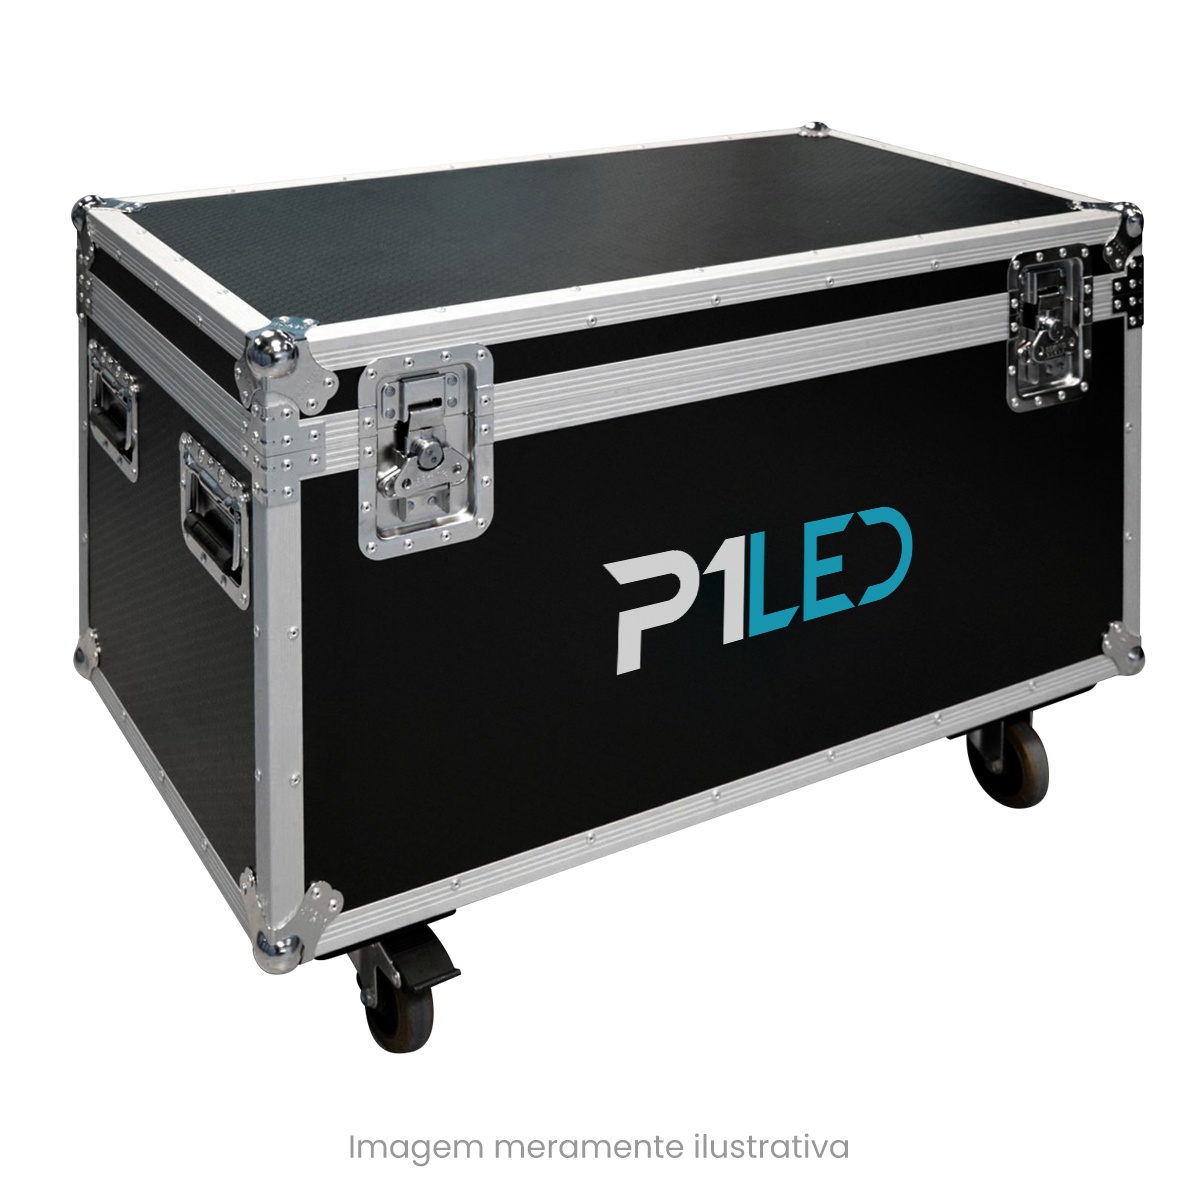 Painel de LED para Lojas e Comércios 2,56 x 1,28 - Telão P2.5 Indoor  - Painel e Telão de LED - O Melhor Preço em Painel de LED | P1LED